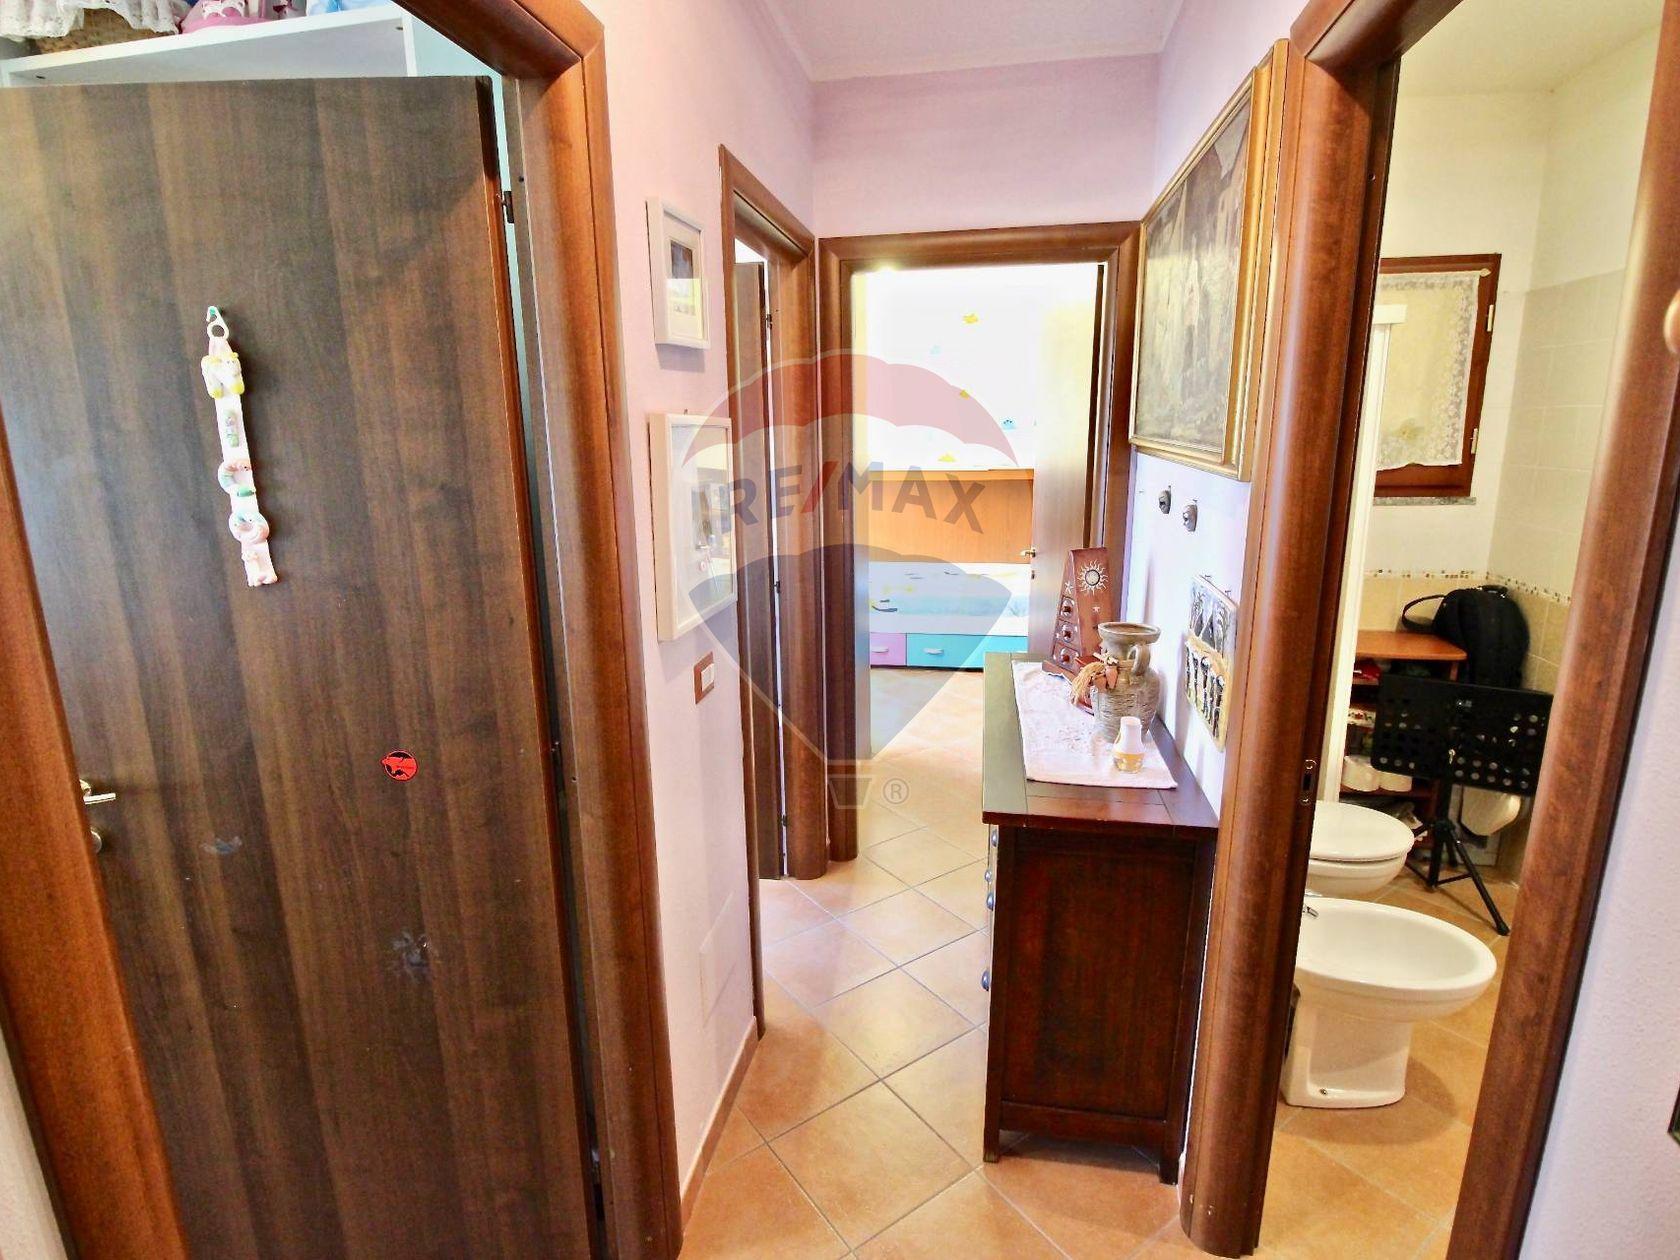 Appartamento Ss-sassari 2, Sassari, SS Vendita - Foto 28